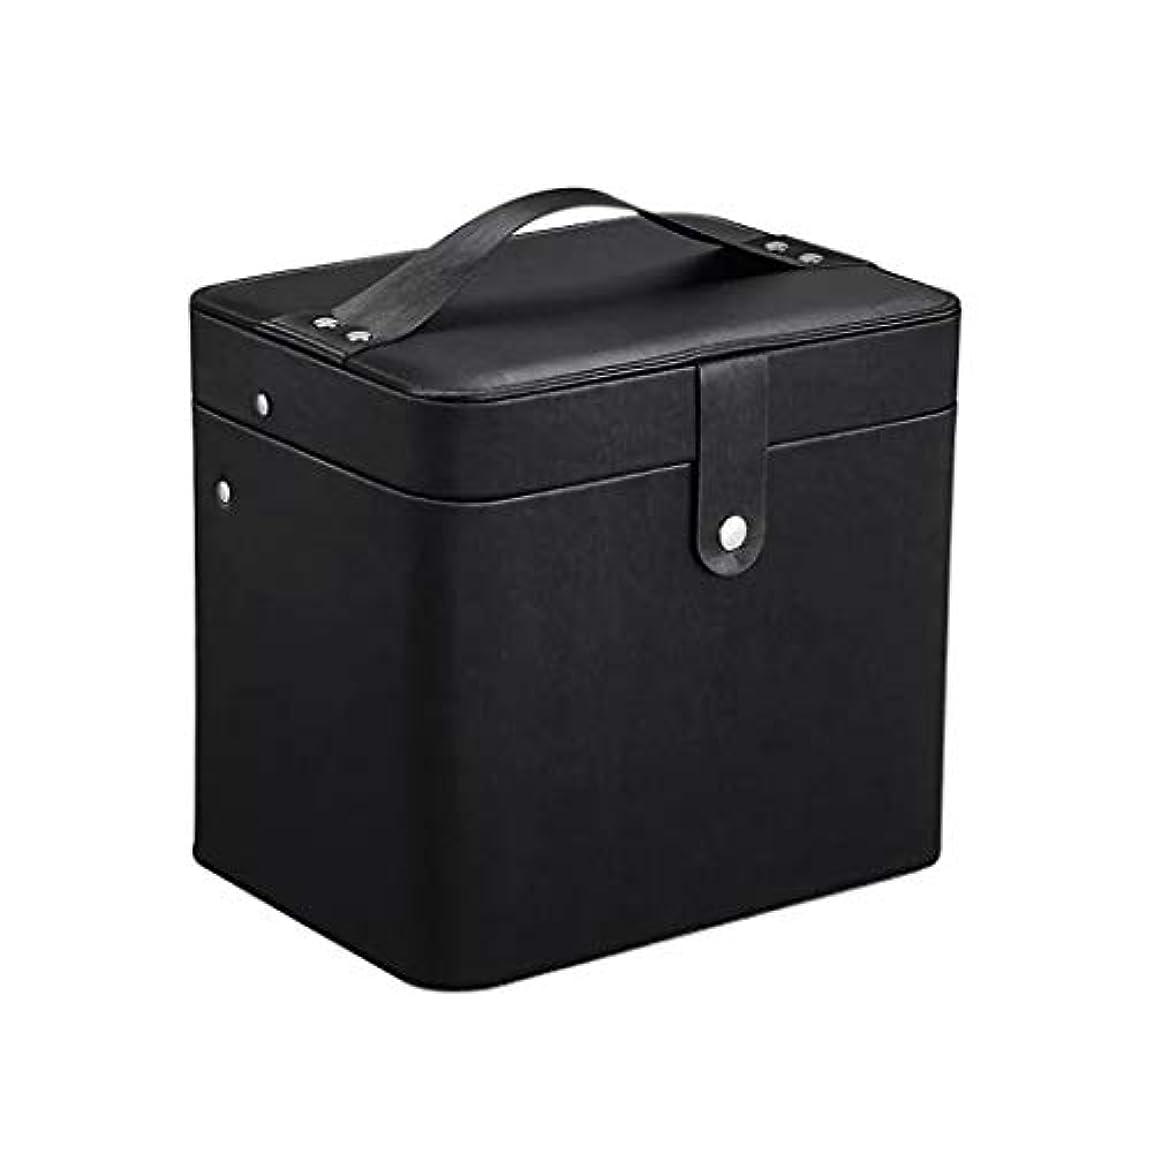 頬骨赤蚊SZTulip コスメボックス メイクボックス 大容量収納ケース メイクブラシ化粧道具 小物入れ 鏡付き 化粧品収納ボックス (ブラック)